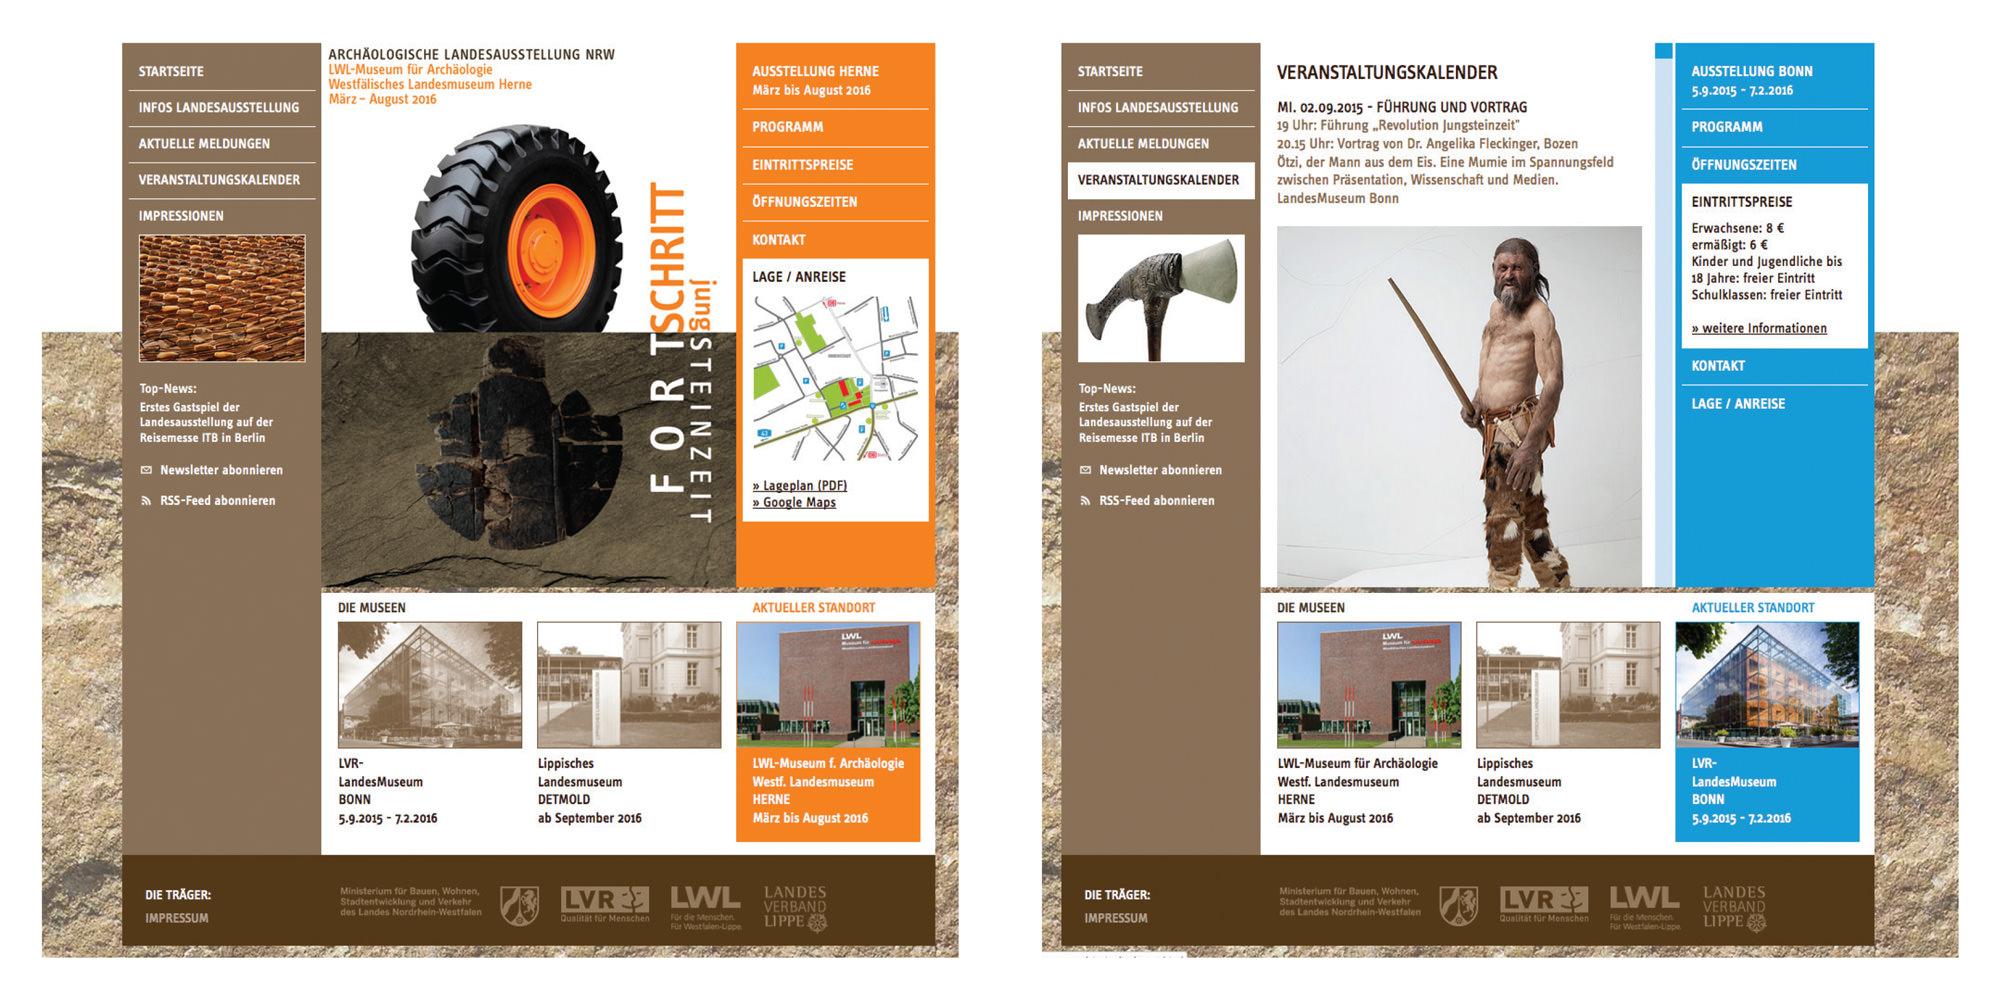 Archäologische Landesausstellung